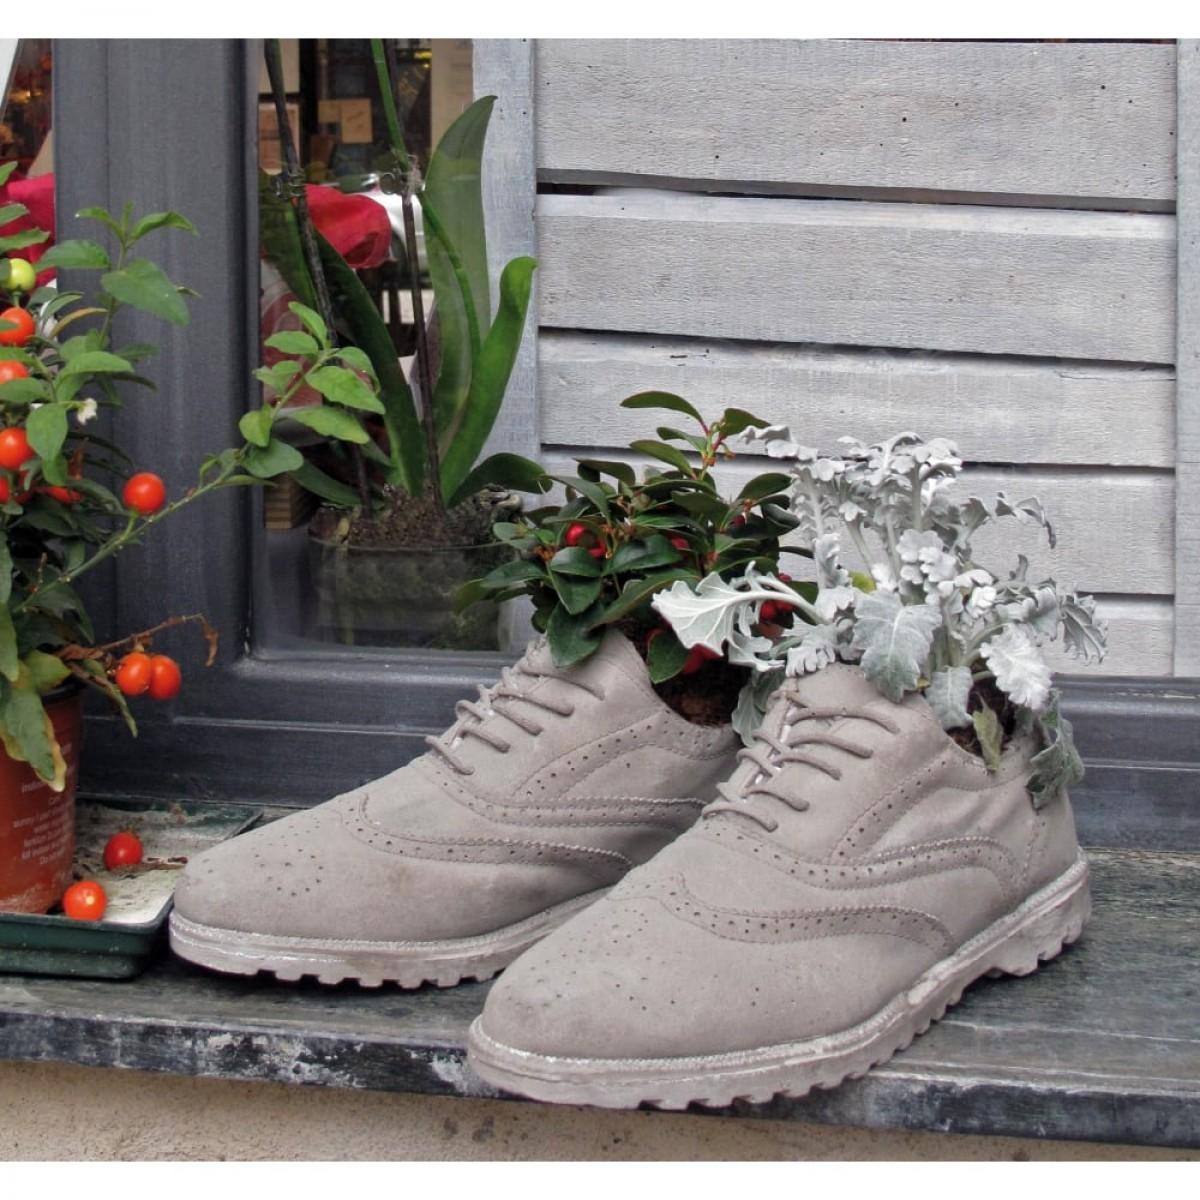 Concrete Planter #Shoes